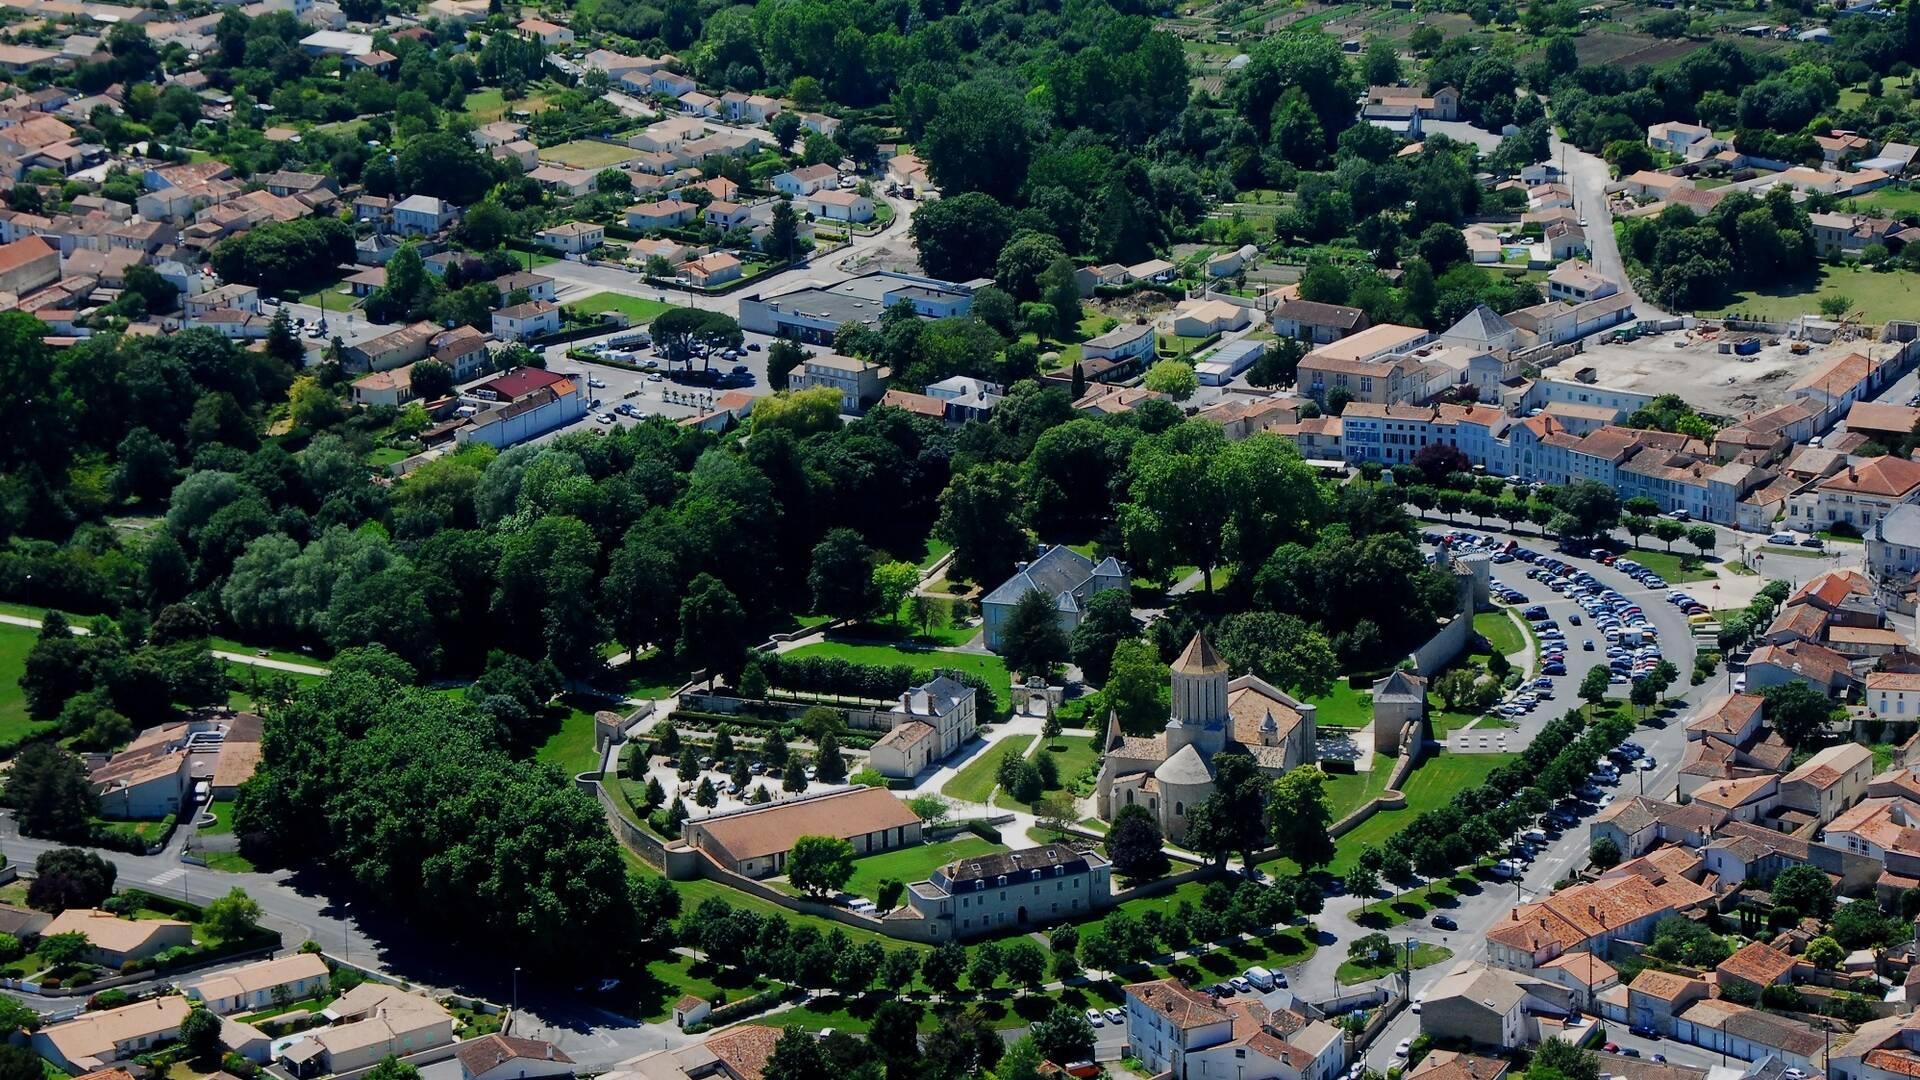 Vue aérienne de Surgères - ©FDHPA17